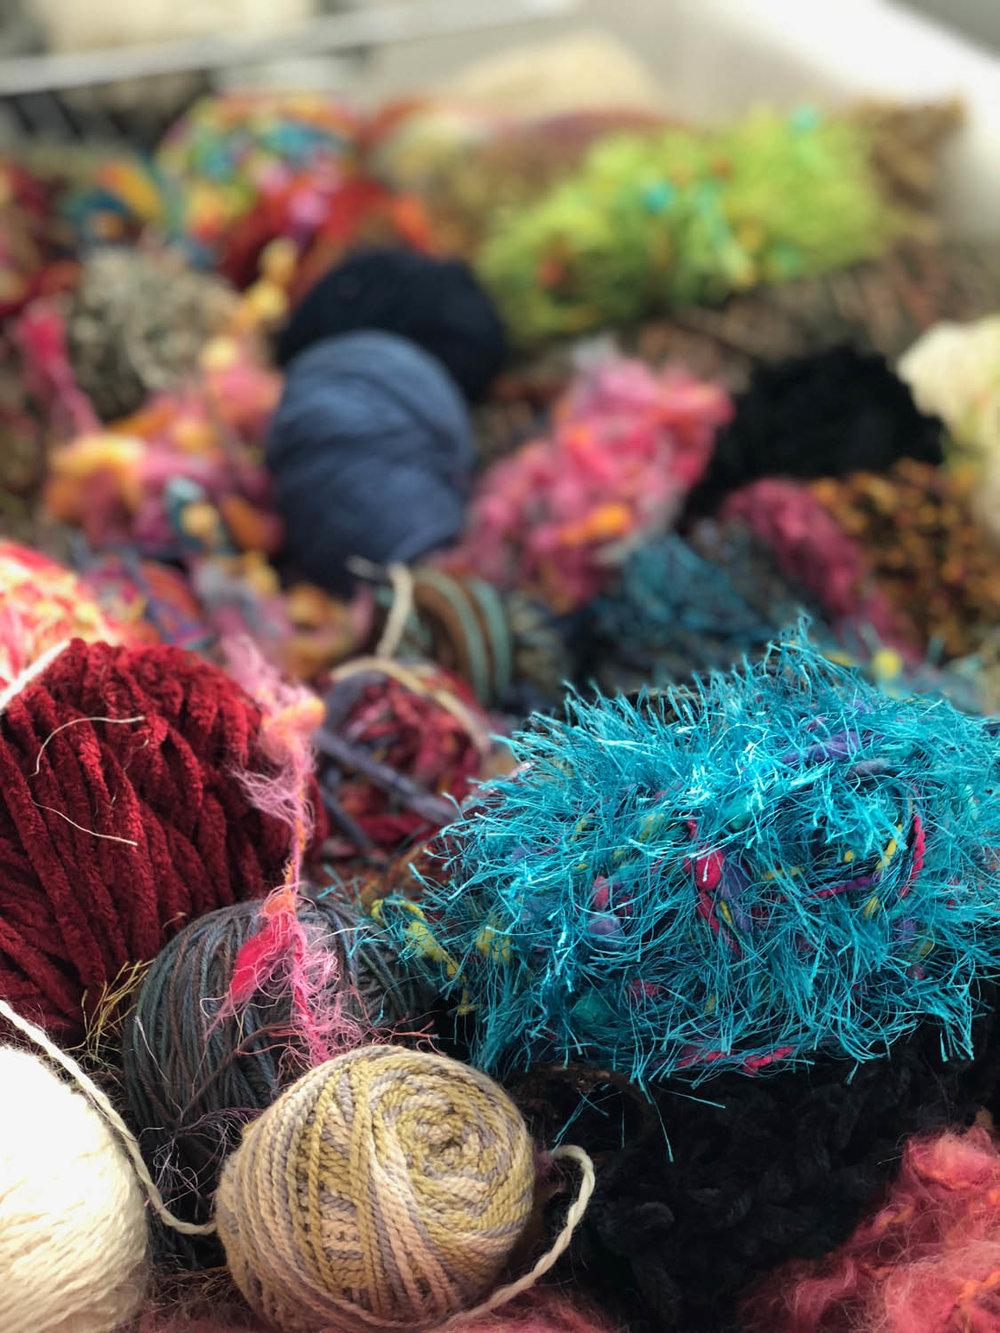 assorted balls of yarn displayed in claw-foot bath tub